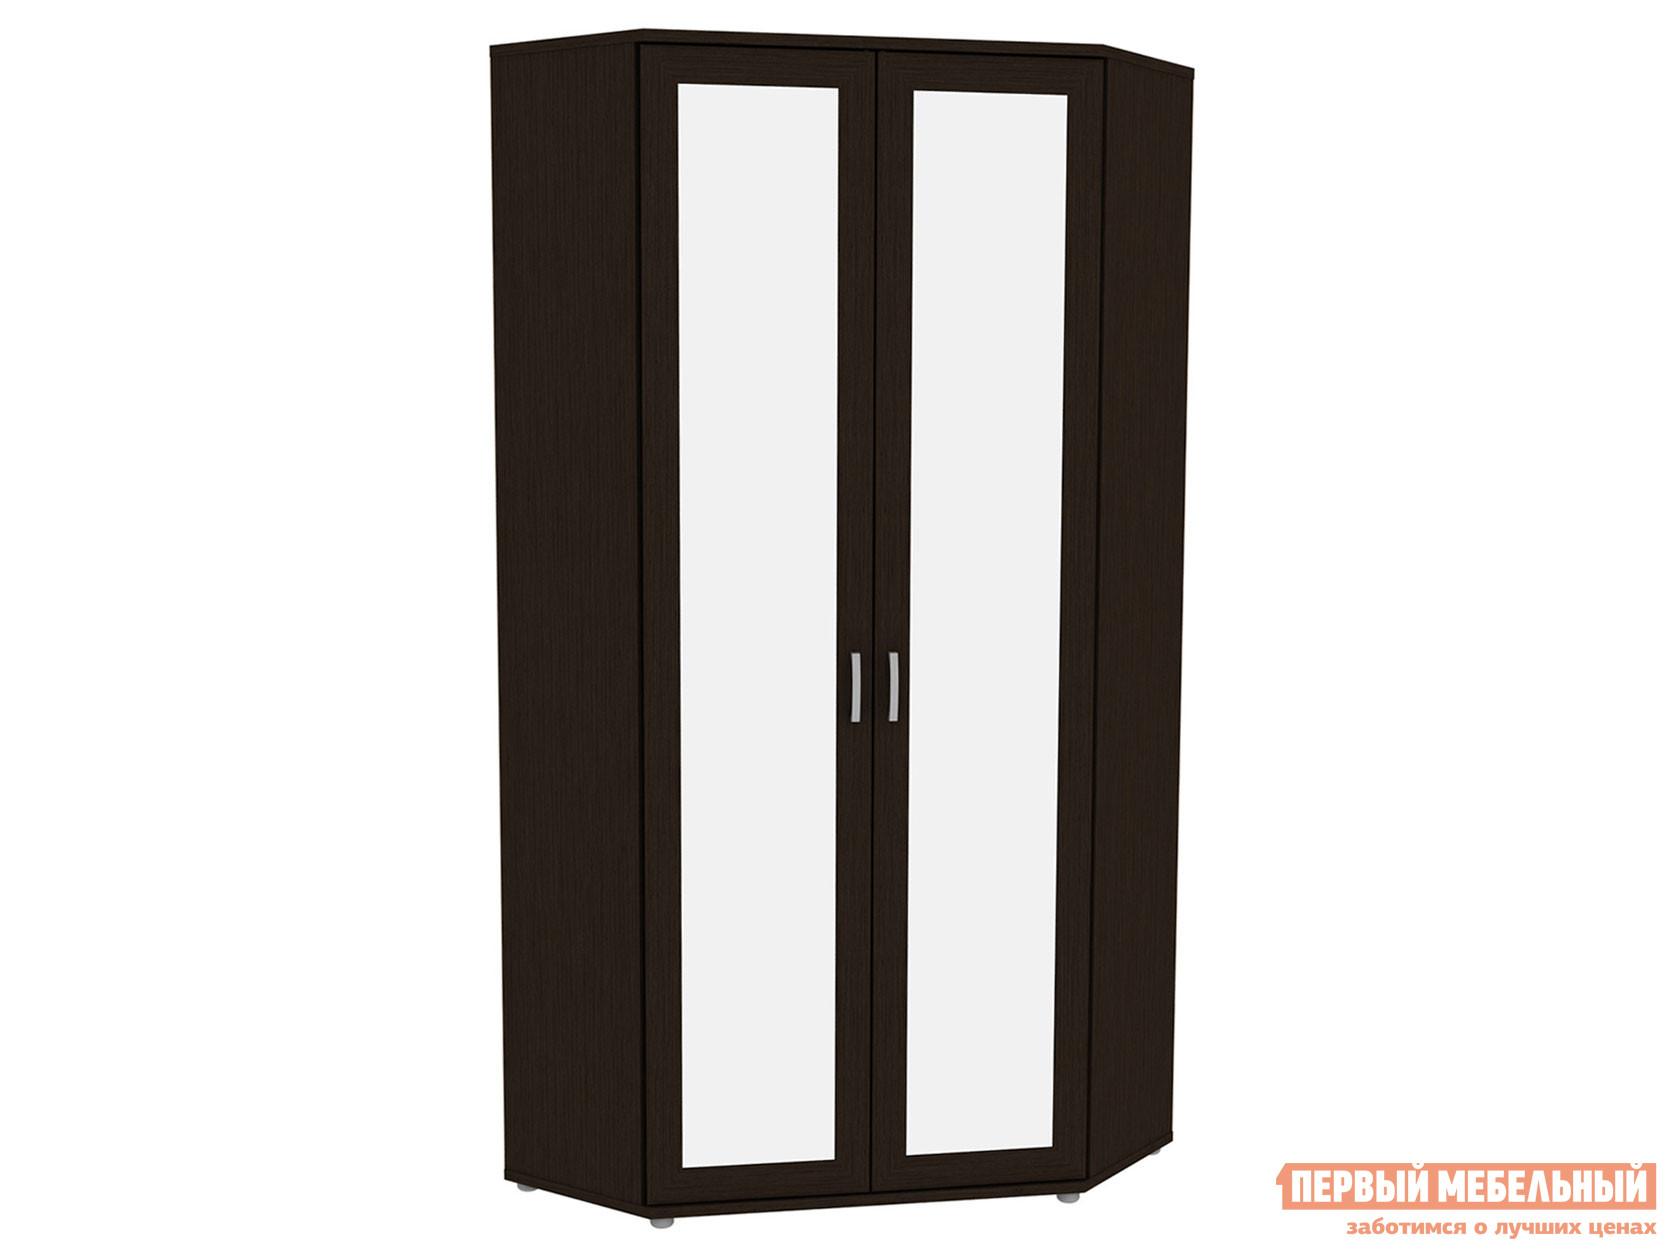 Угловой шкаф Первый Мебельный Шкаф угловой с зеркалами Леруа 533.02